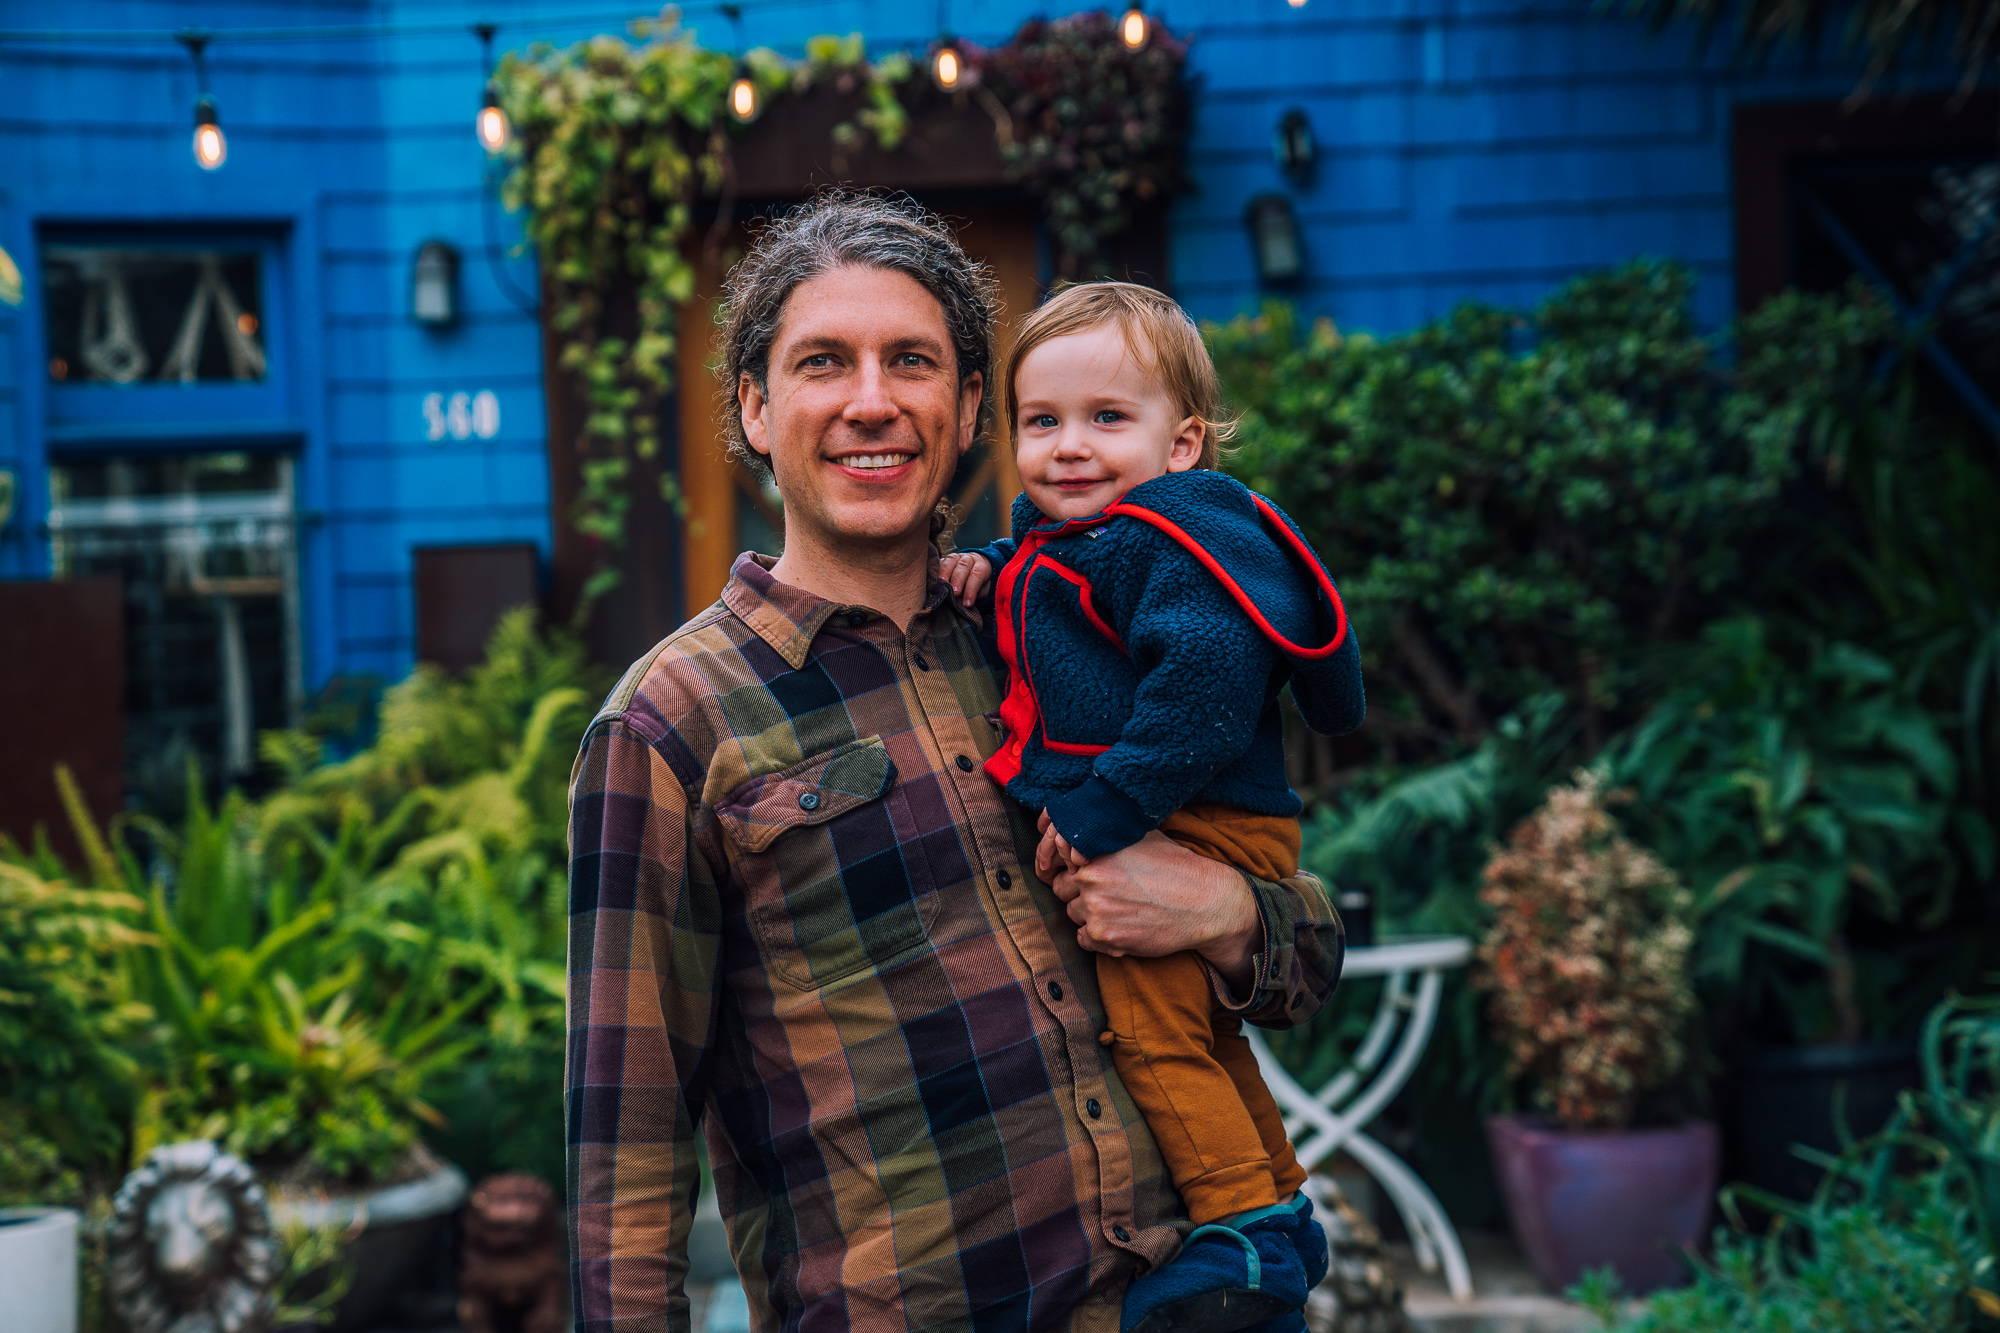 Father son backyard John Suhar